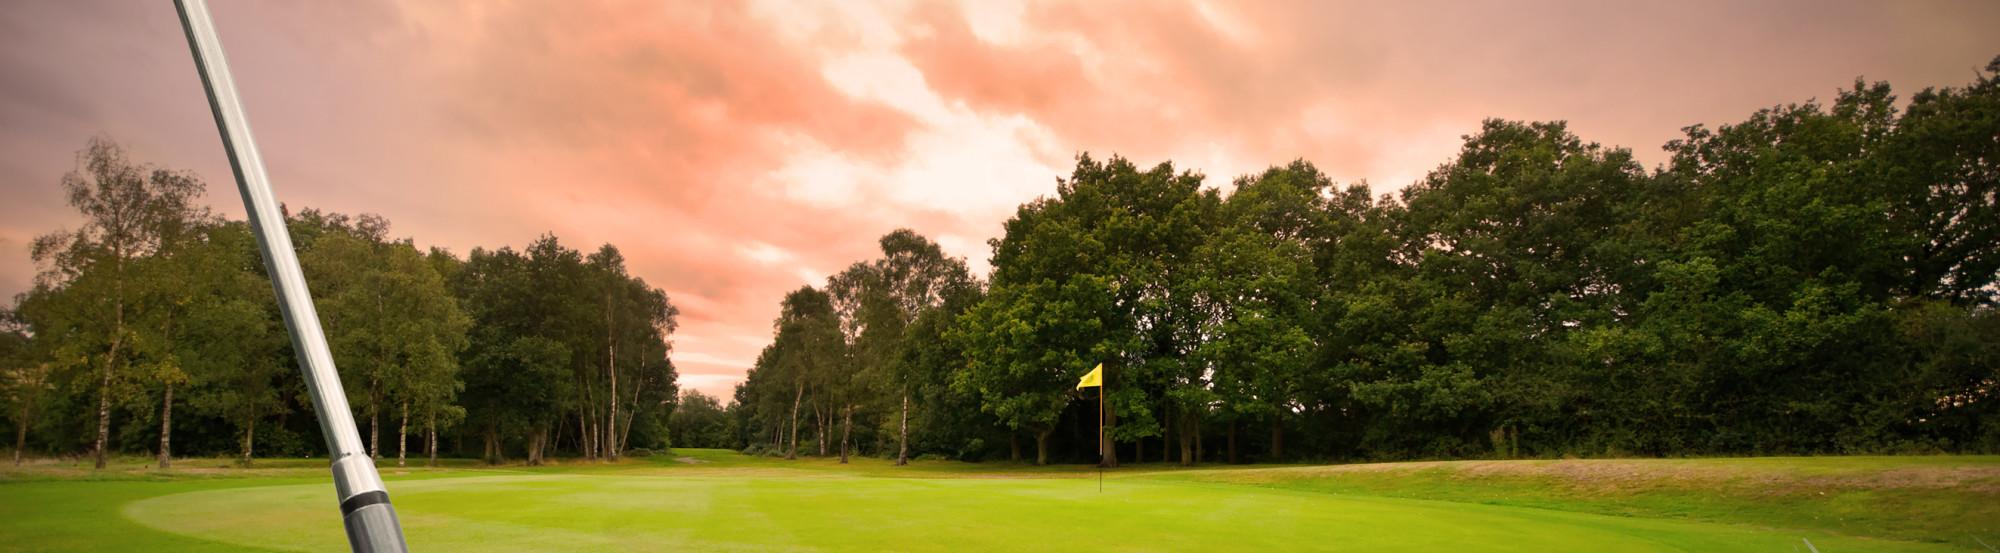 Golf Open